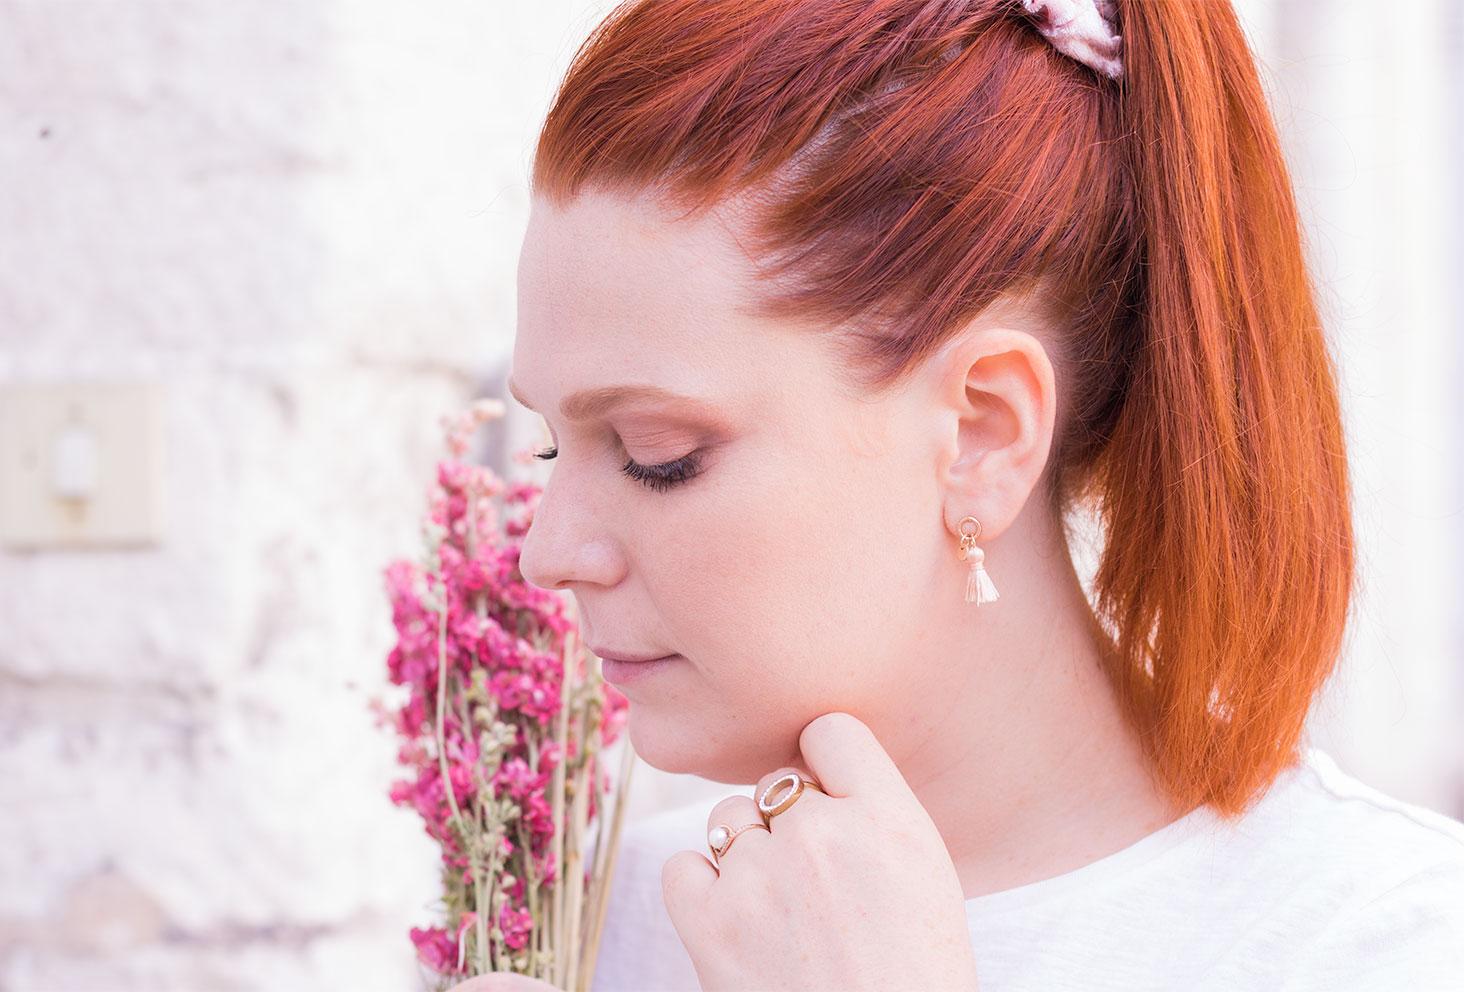 De profil les cheveux roux attachés en queue de cheval haute, des boucles d'oreilles pompons poudrées aux oreilles